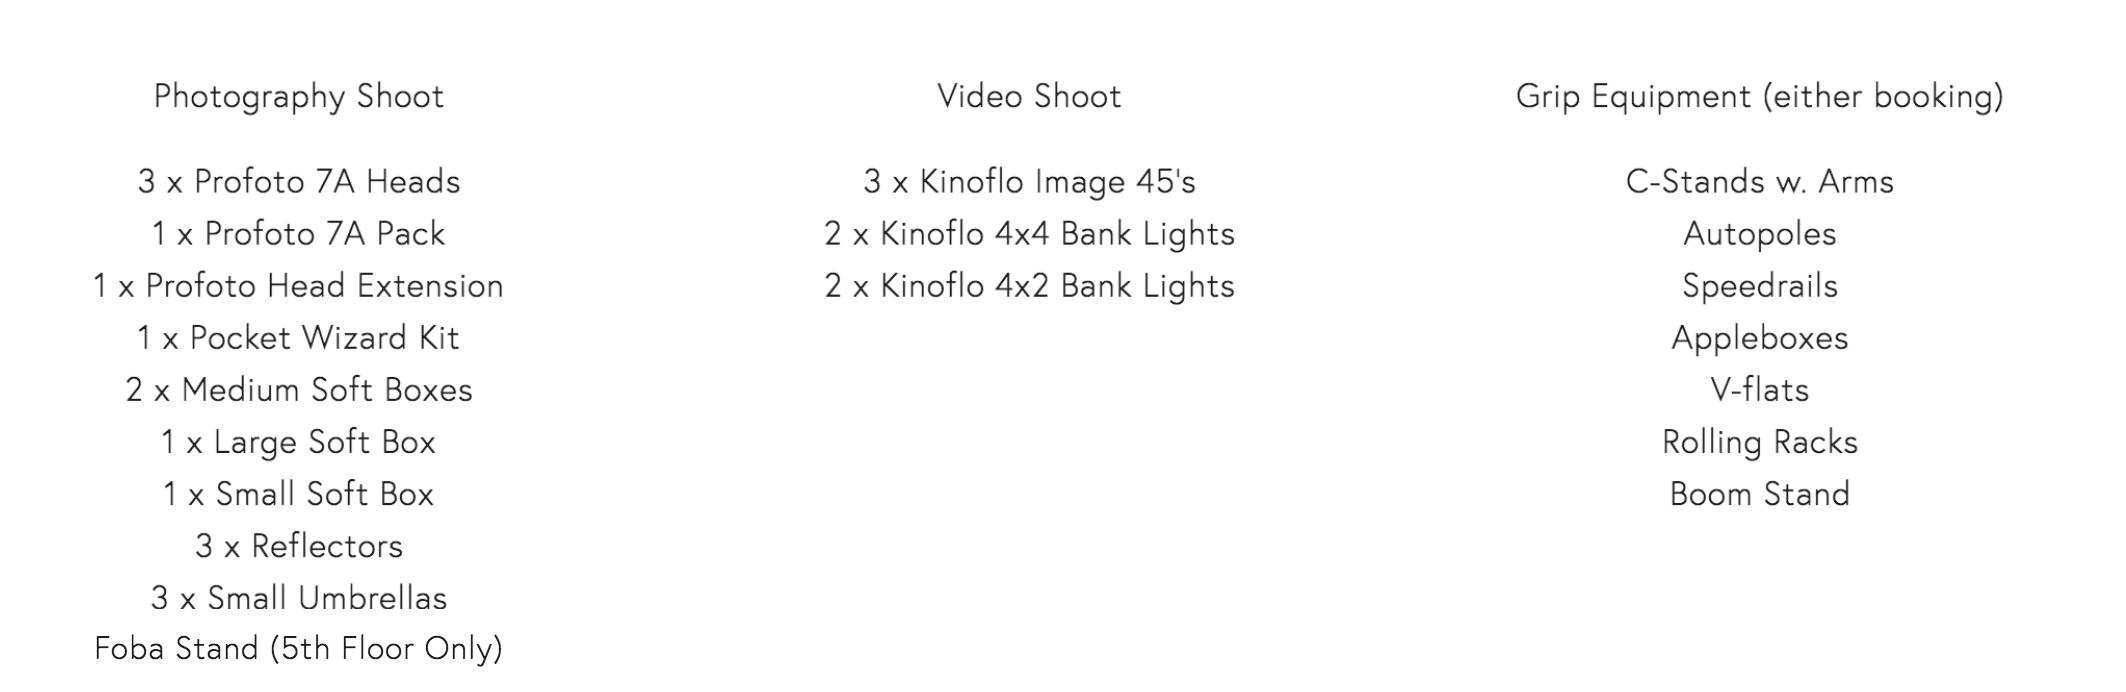 Screen Shot 2018-07-02 at 4.39.08 PM.png